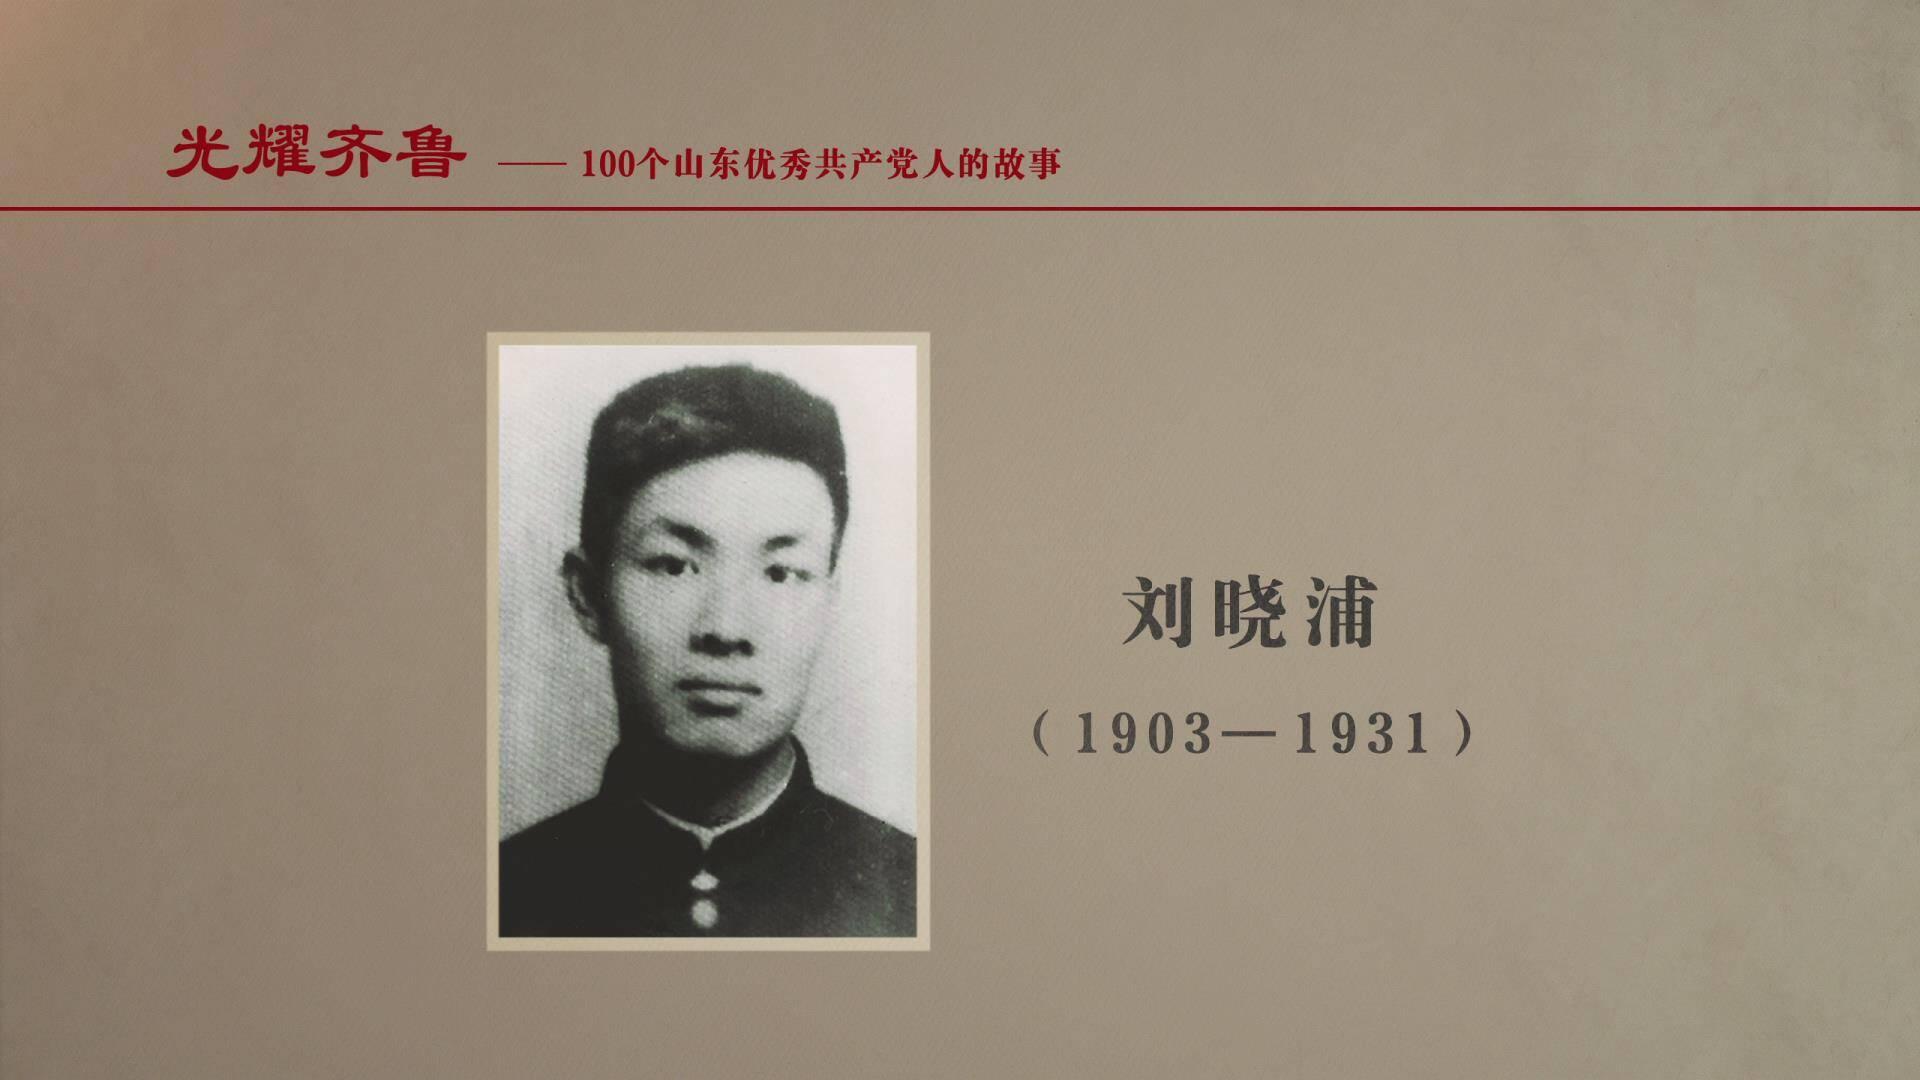 百集微纪录片《光耀齐鲁》今晚播出第11集——《刘晓浦》